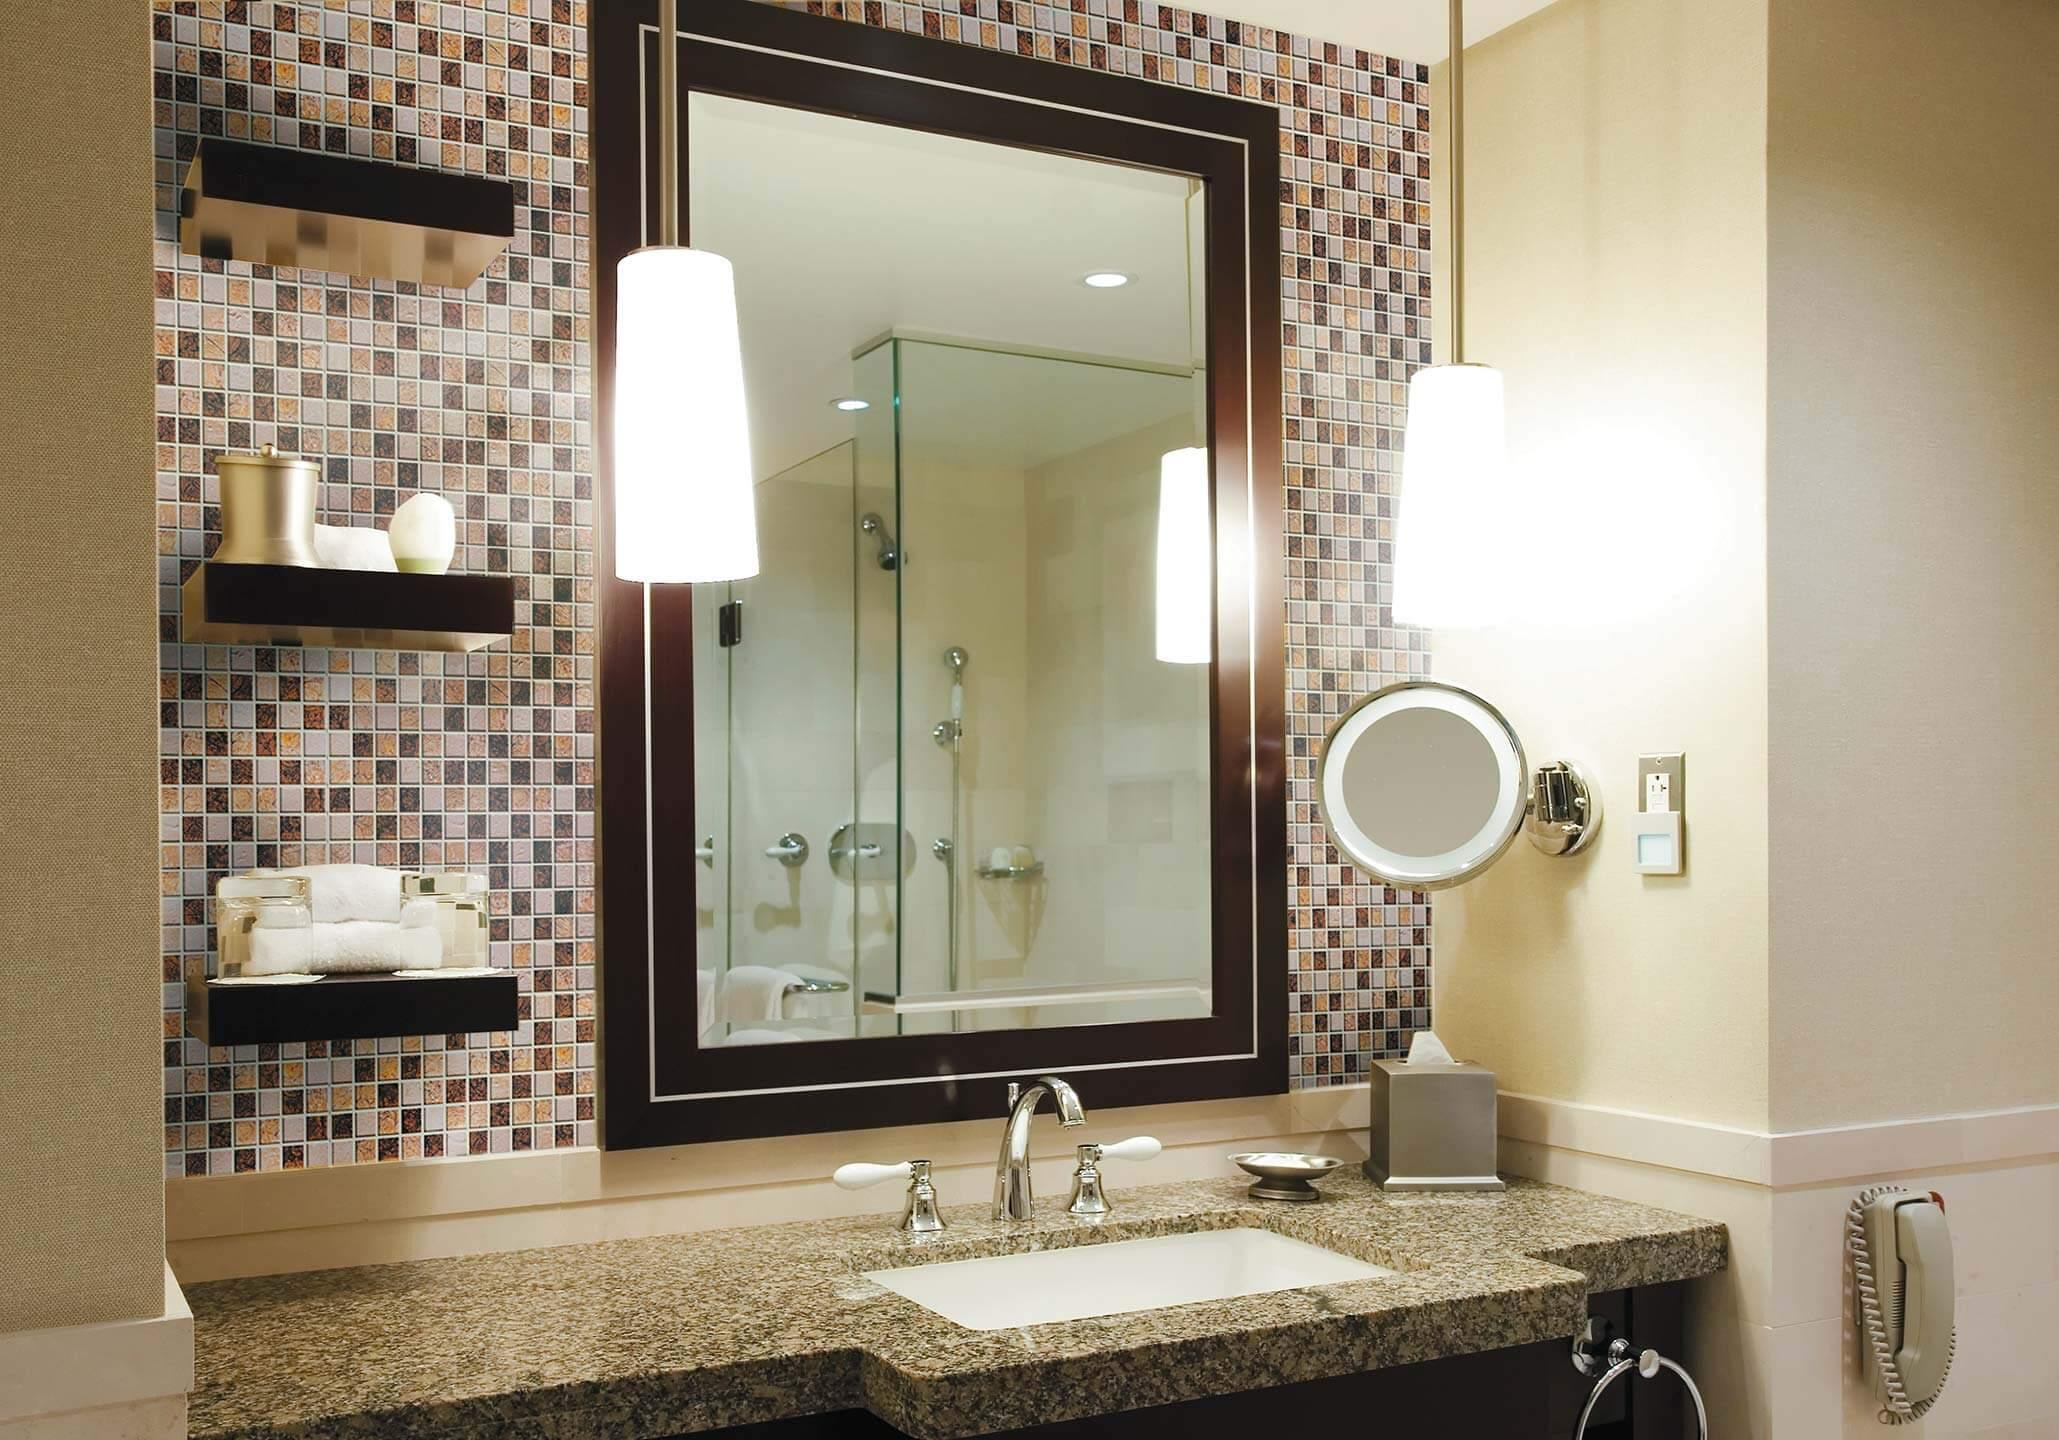 Fran-Char American tiles- pewter mosaic